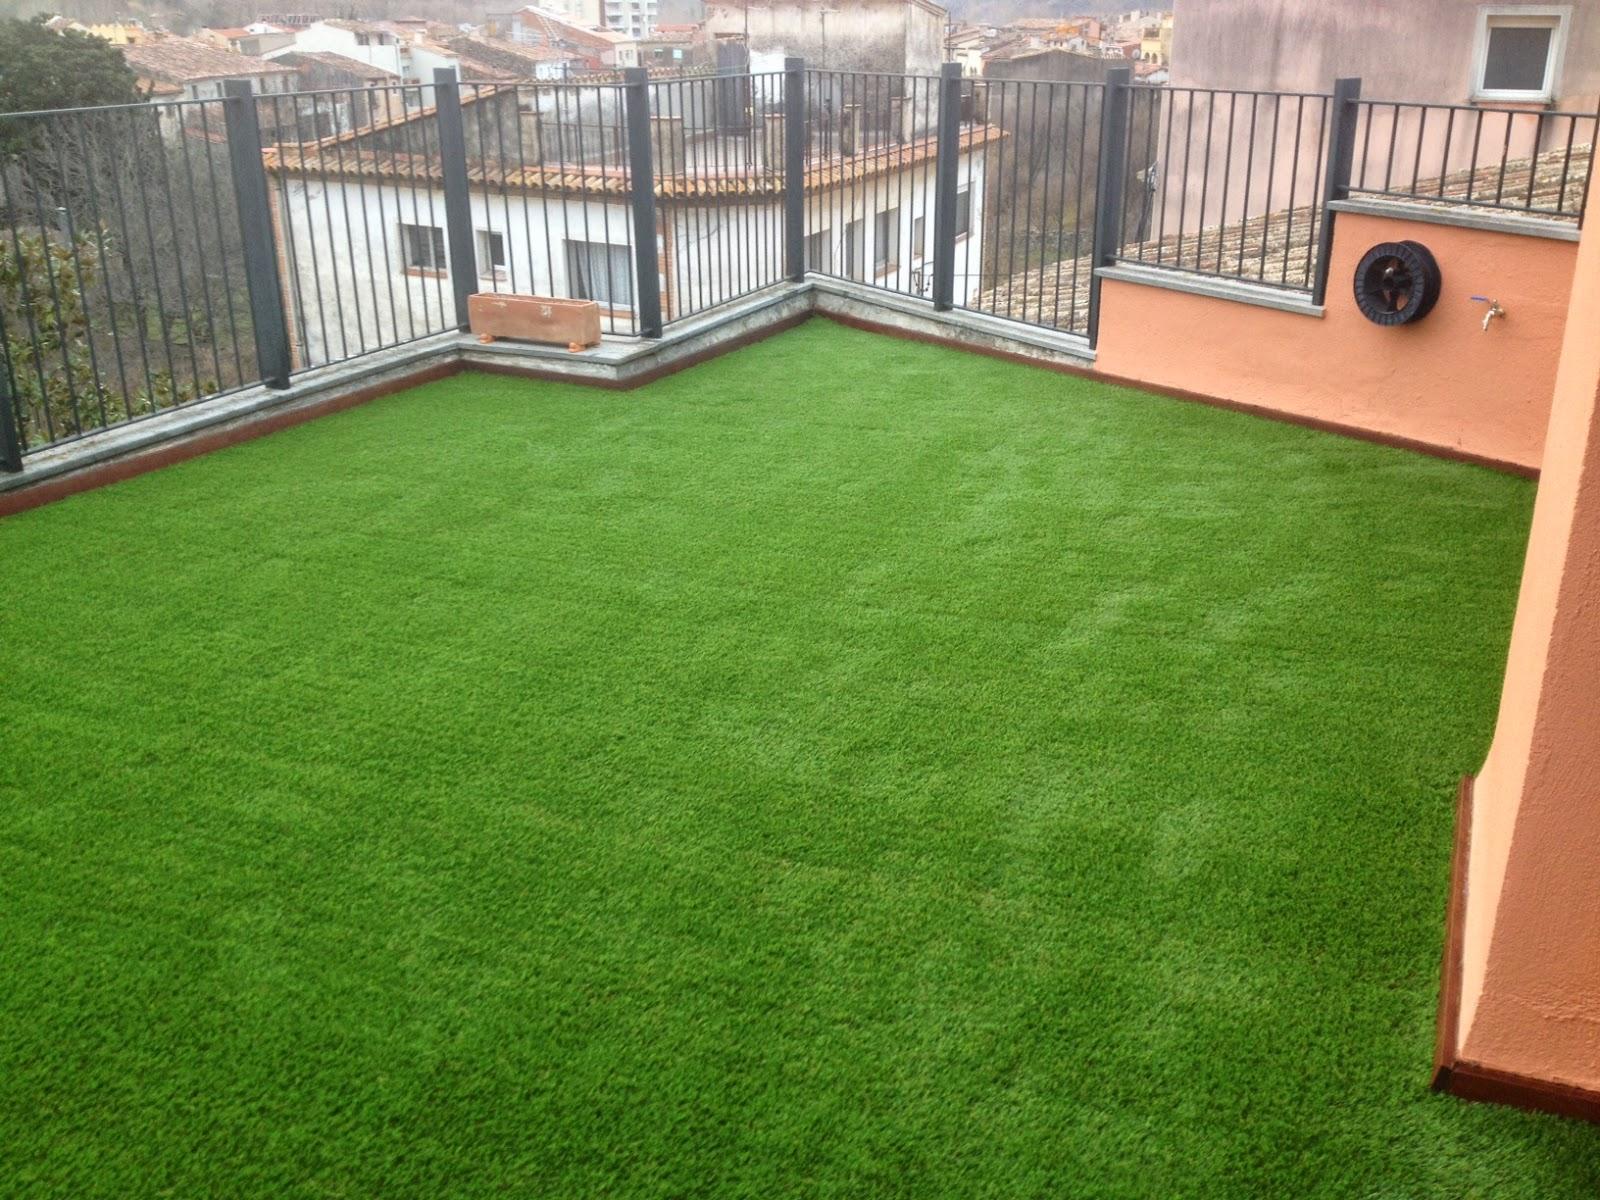 con el csped artificial se puede decorar de todo desde pequeos jardines a grandes una zona chillout de una terraza una terraza normal